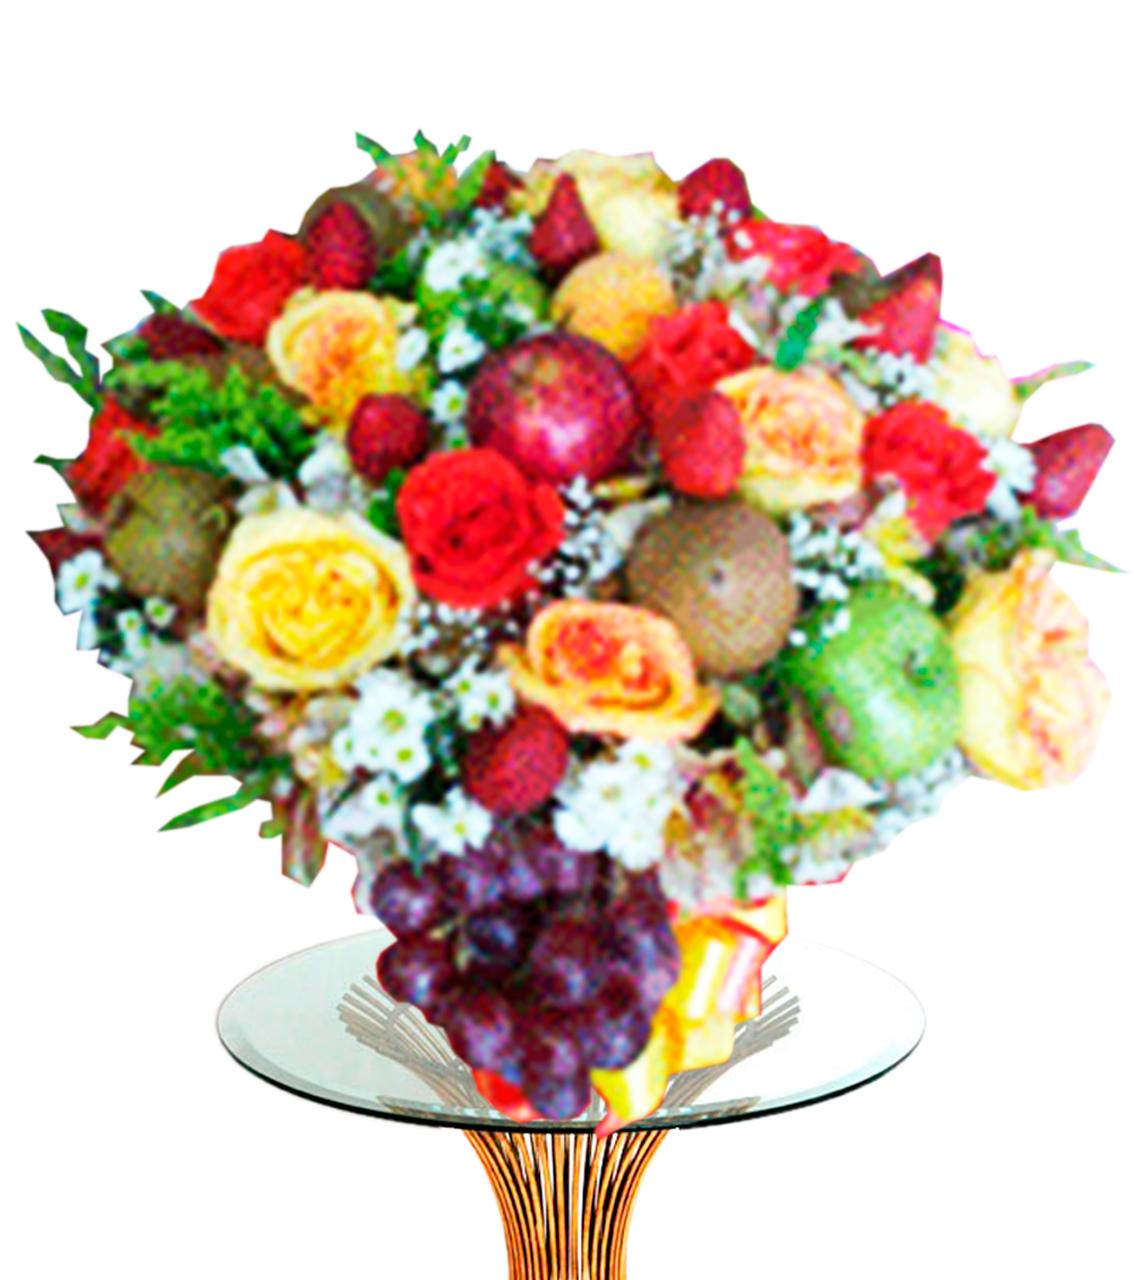 Bouquet con Frutas